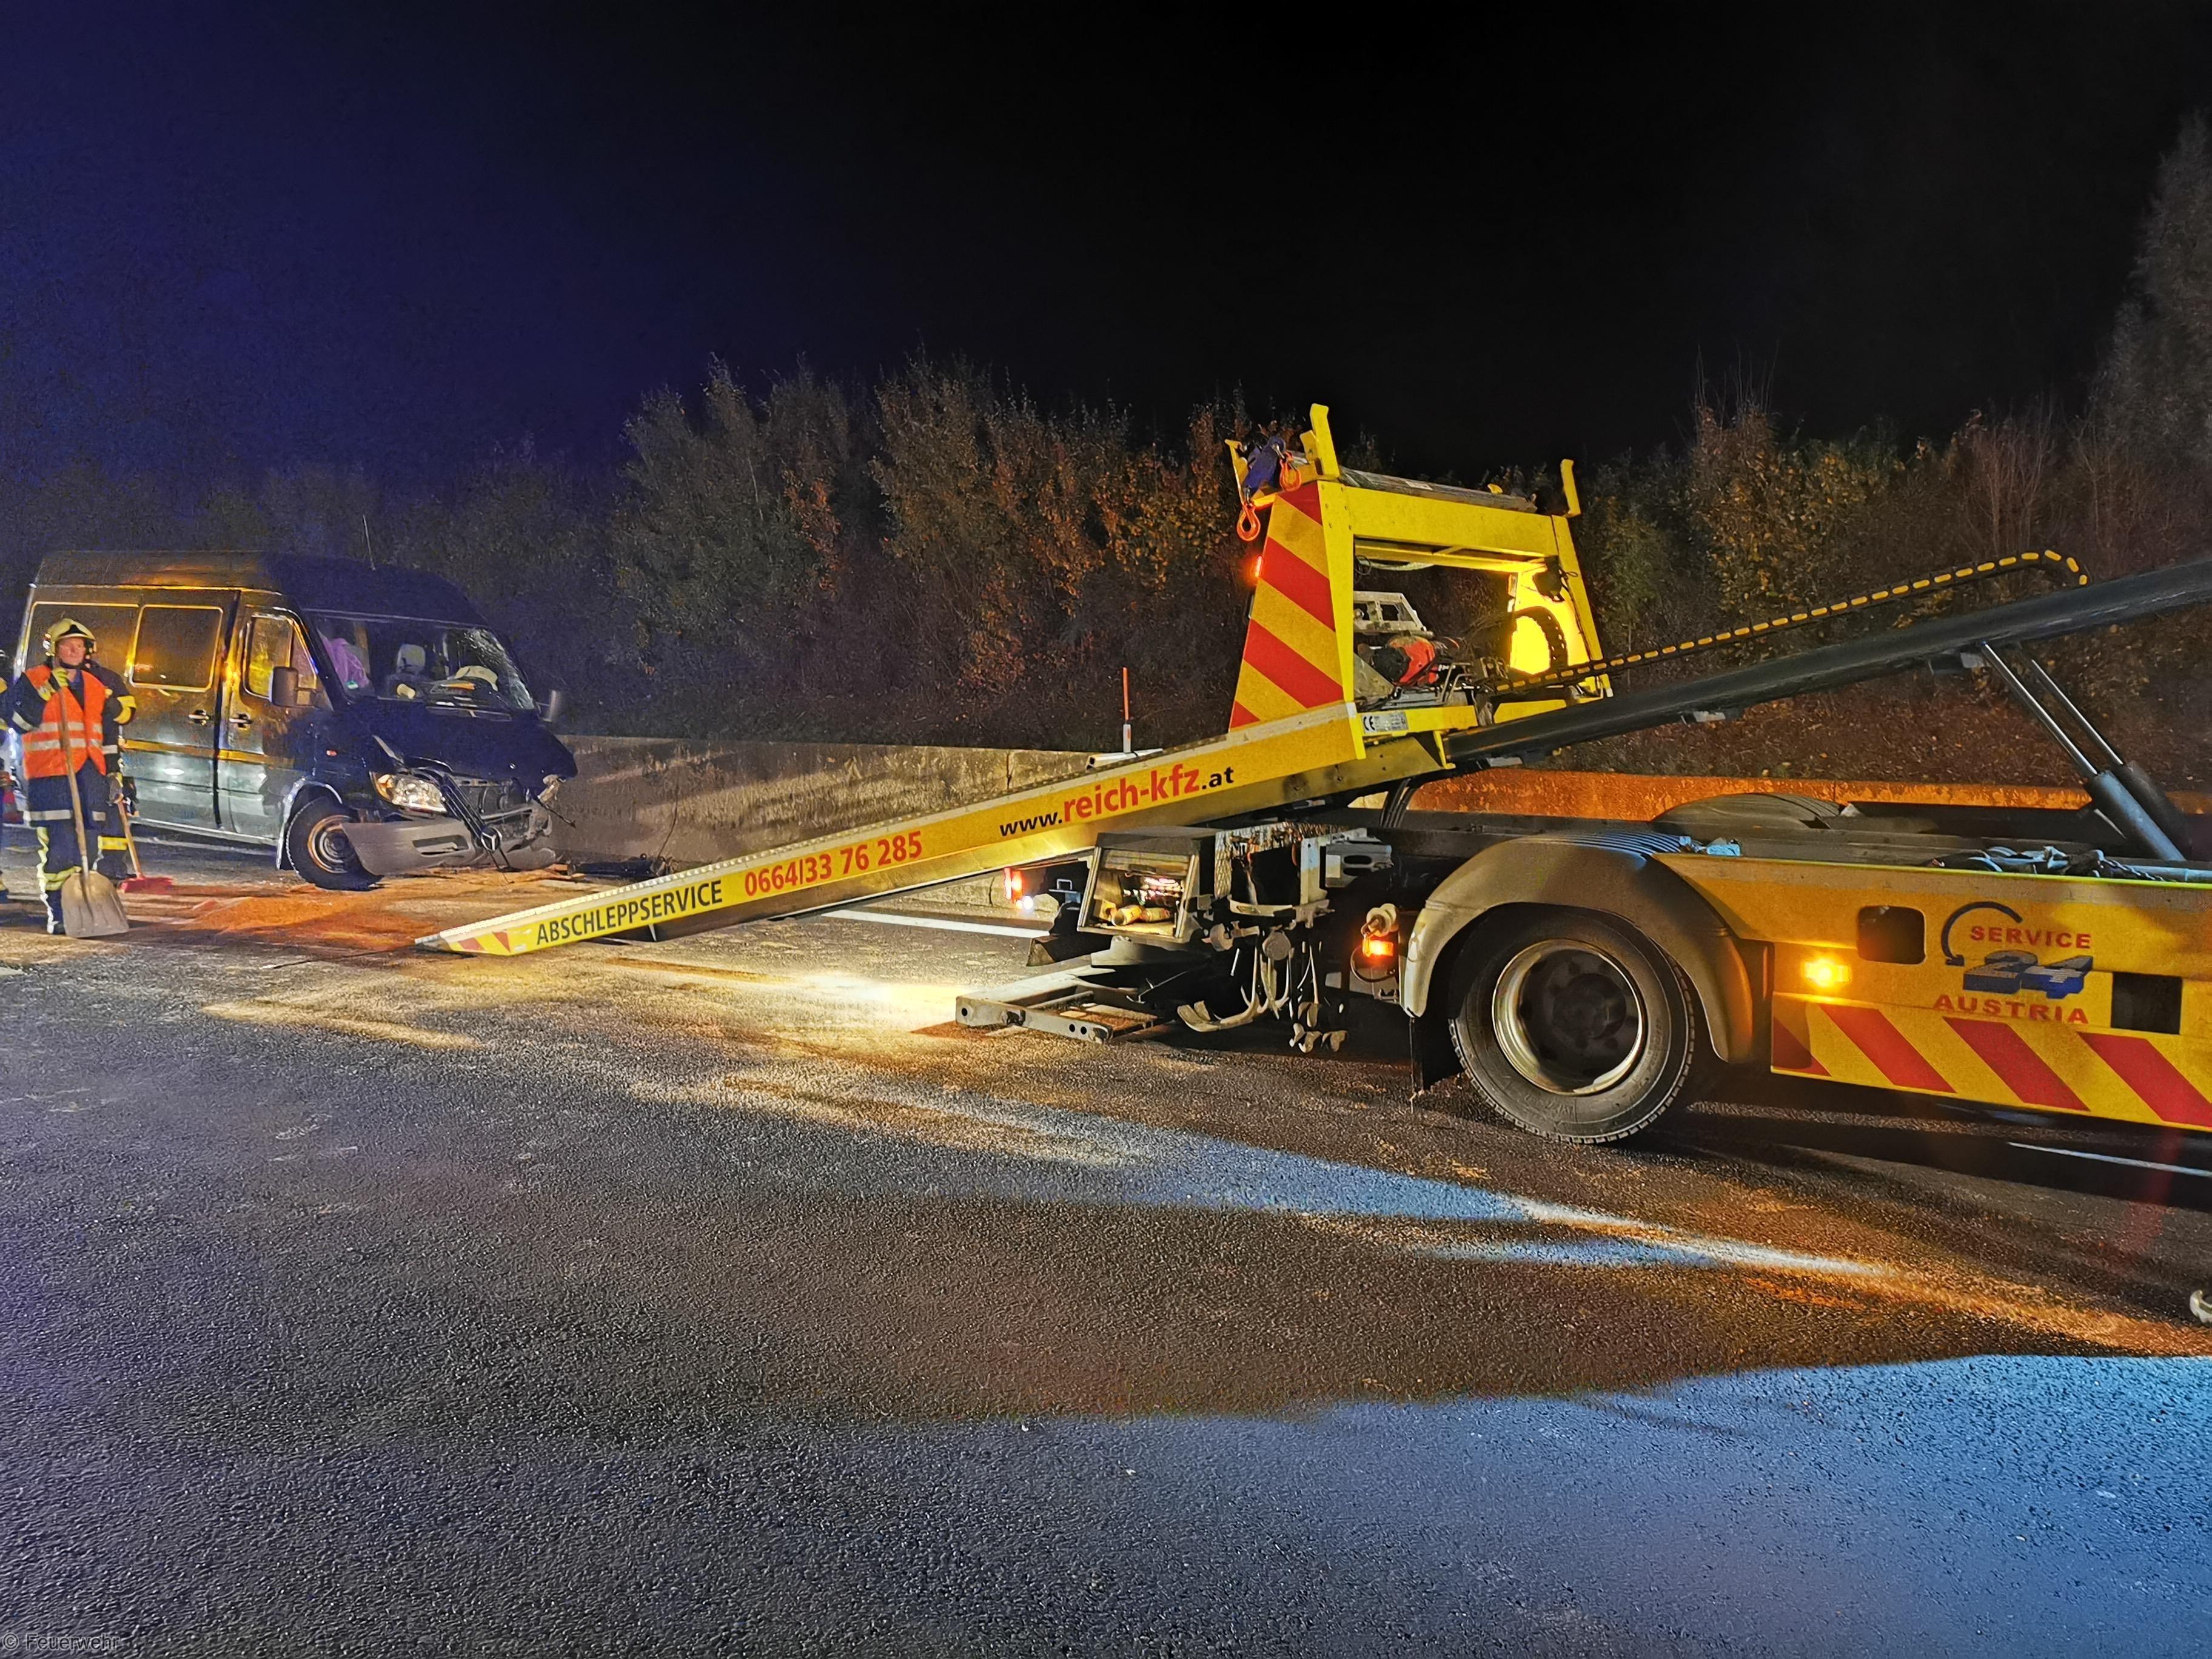 Verkehrsunfall - Aufräumarbeiten